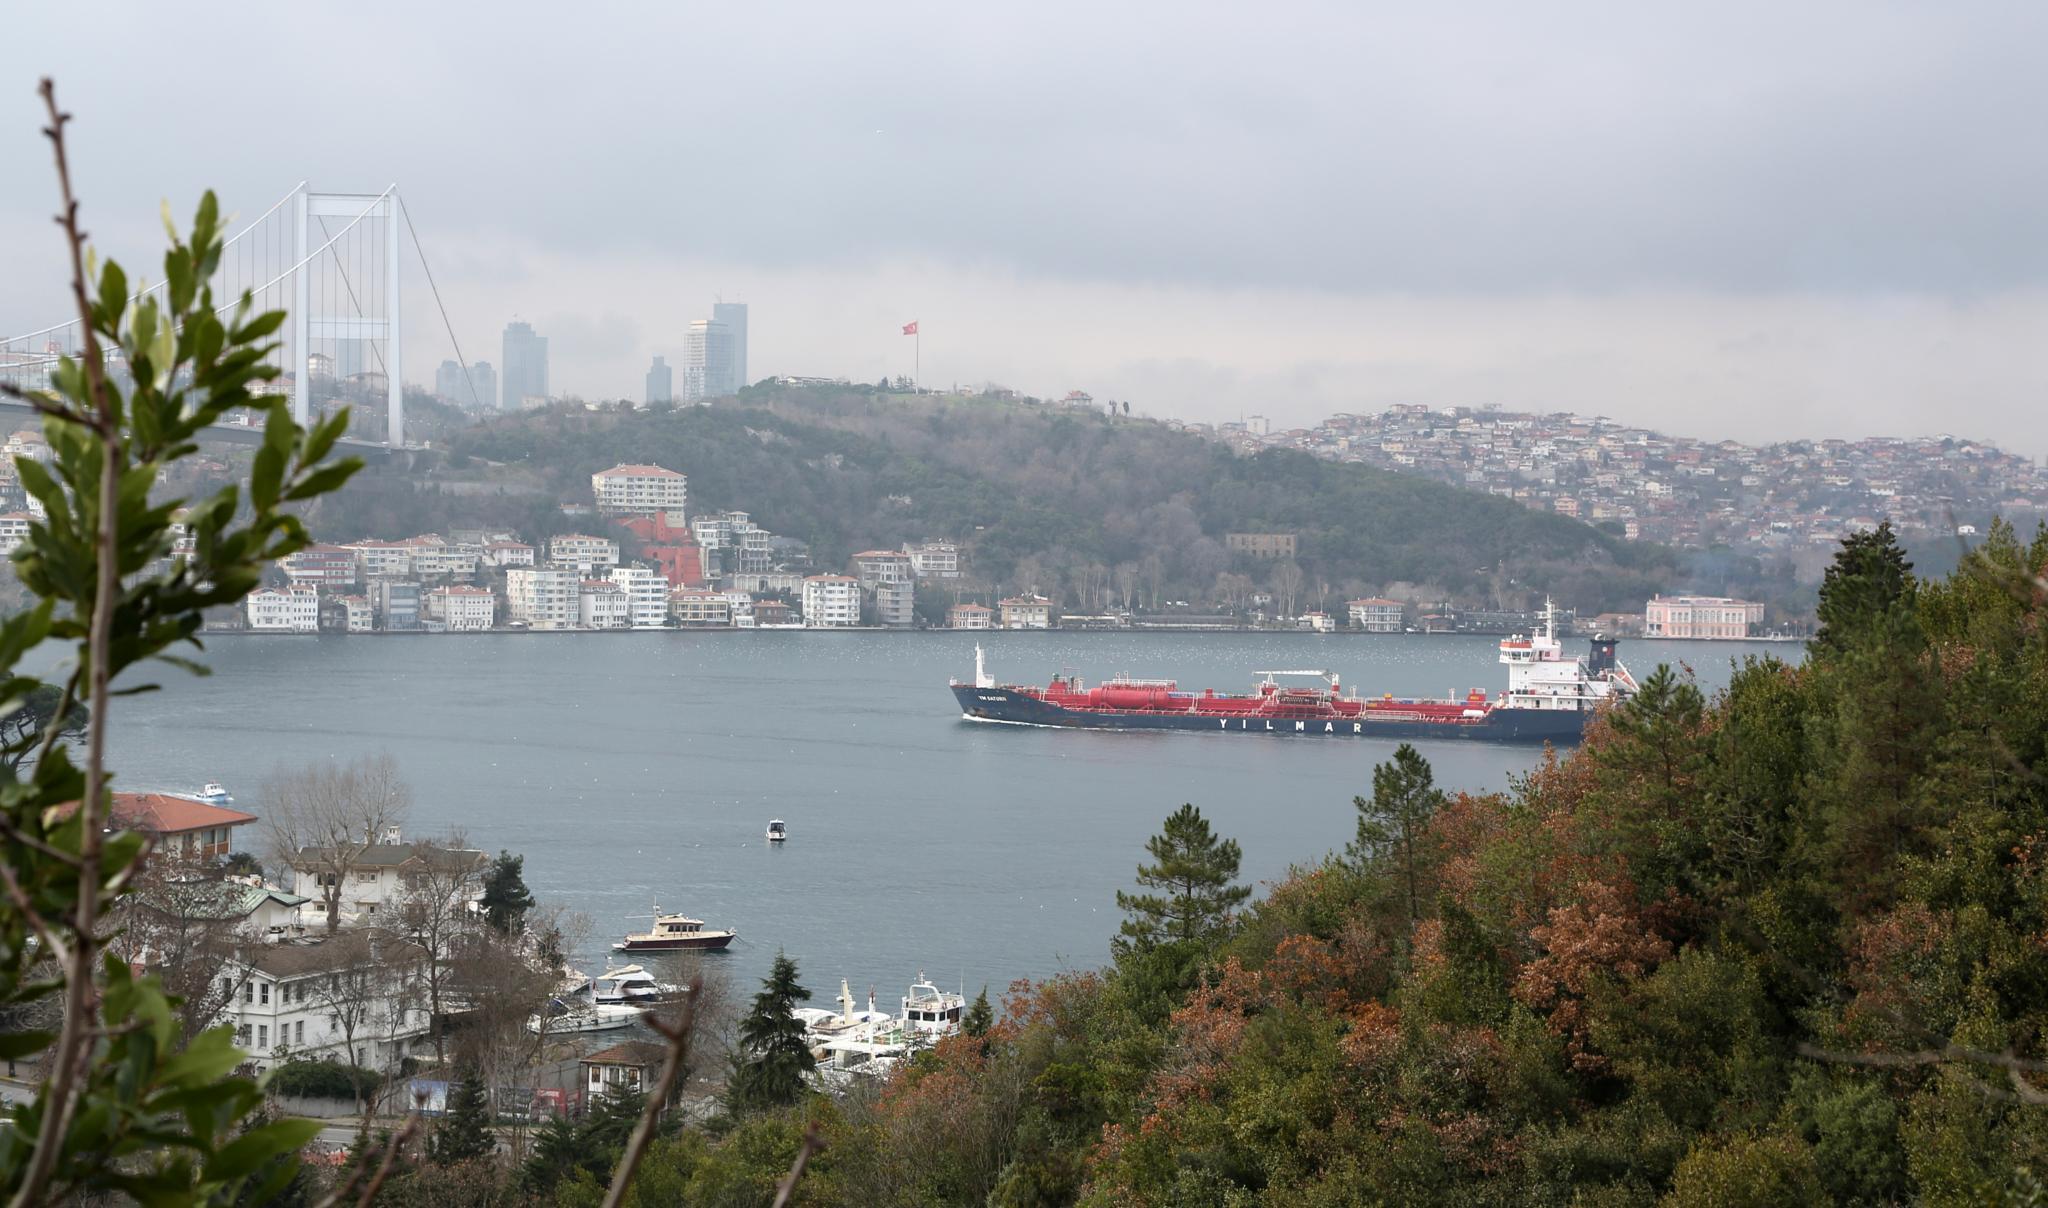 Istanbul Strait by Atila_Yumusakkaya